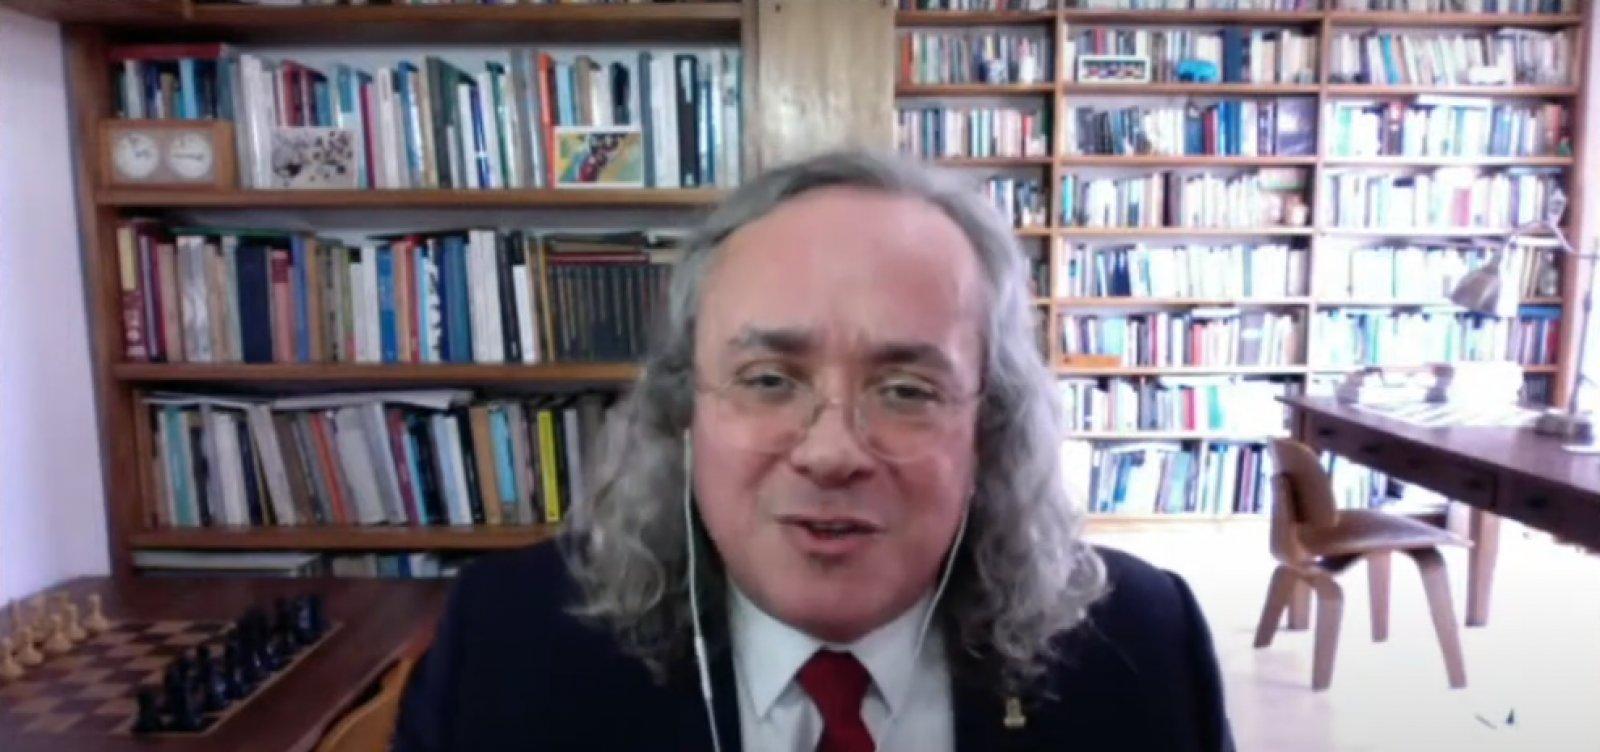 Reitor comemora ato da Ufba e fala em combate à ignorância obstrutiva